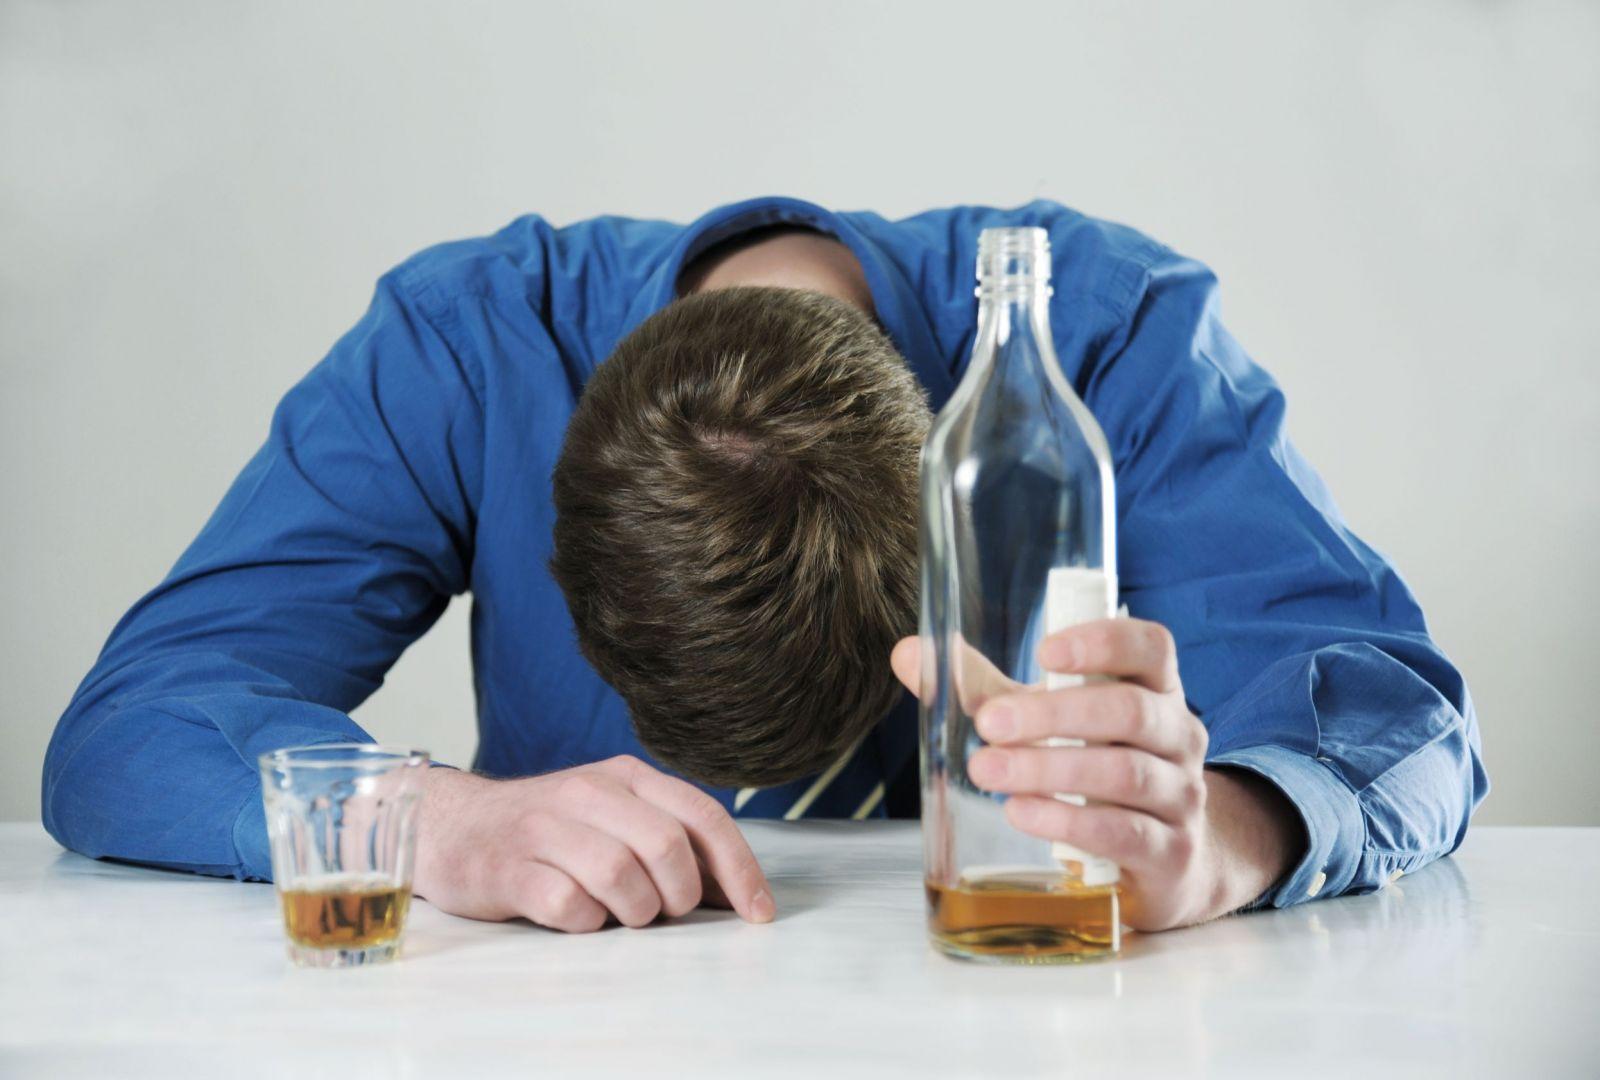 Как избавиться от алкогольного отравления в домашних условиях